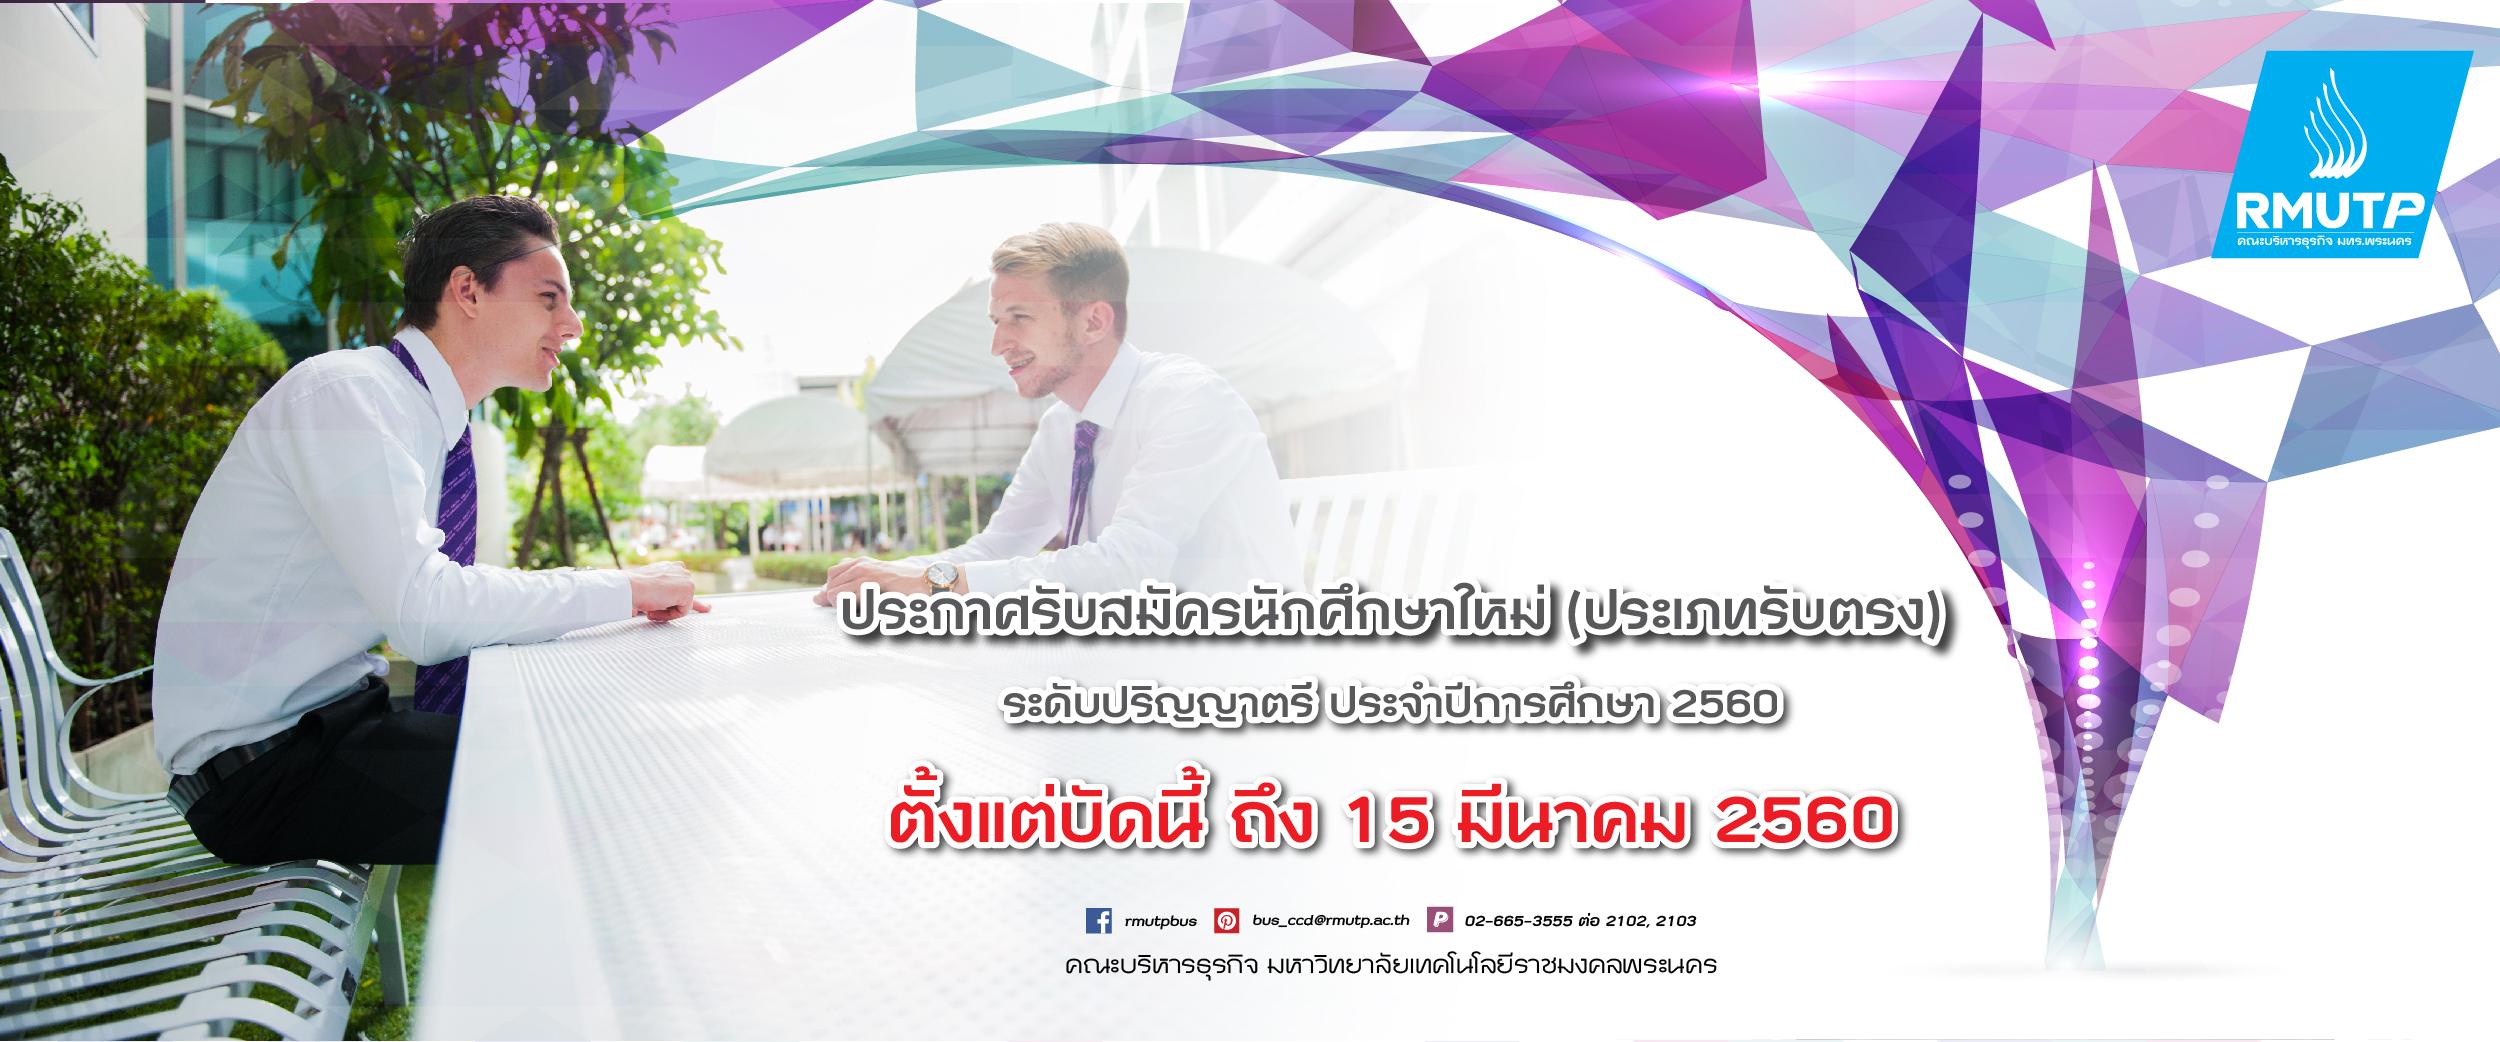 ประกาศด่วน !! รับสมัครนักศึกษา ปริญญาตรี (ประเภทรับตรง) ปีการศึกษา 2560 หมดเขต 15 มีนาคม 2560